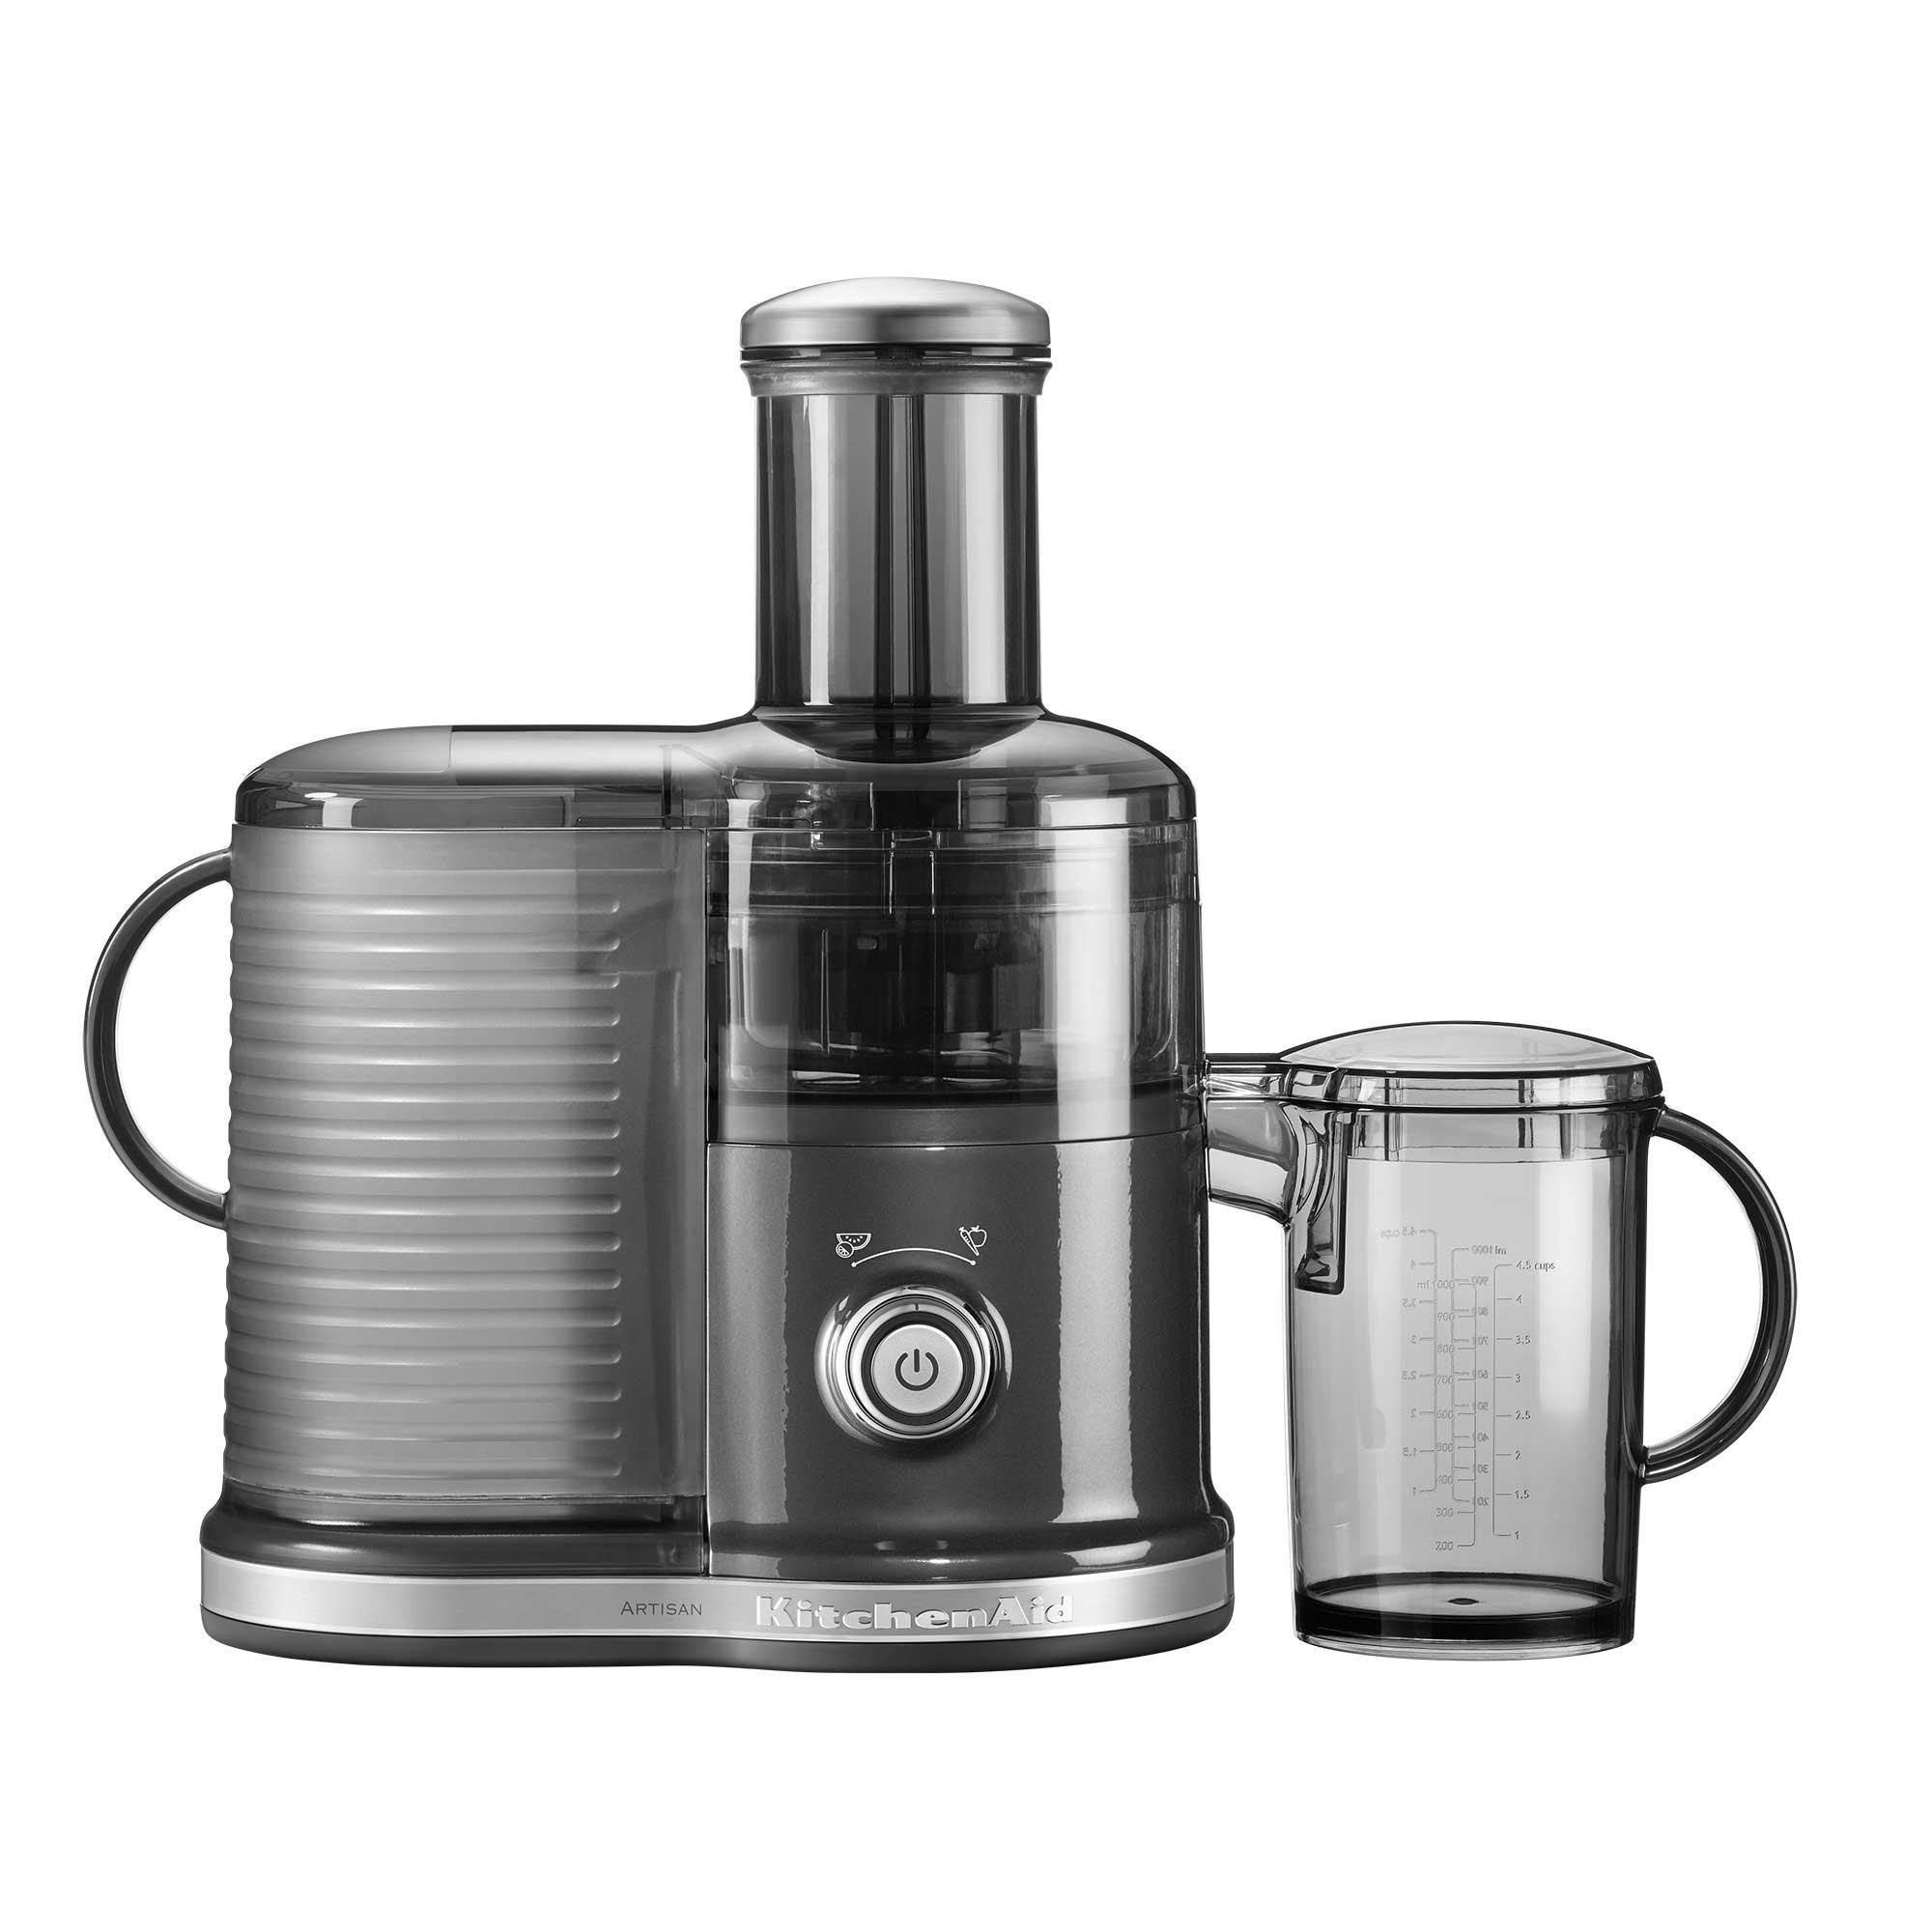 KitchenAid - Artisan 5KVJ0332 Zentrifugal Entsafter - medallion silber | Küche und Esszimmer > Küchengeräte > Entsafter | Medallion silber | Metall| plastik bpa frei | KitchenAid